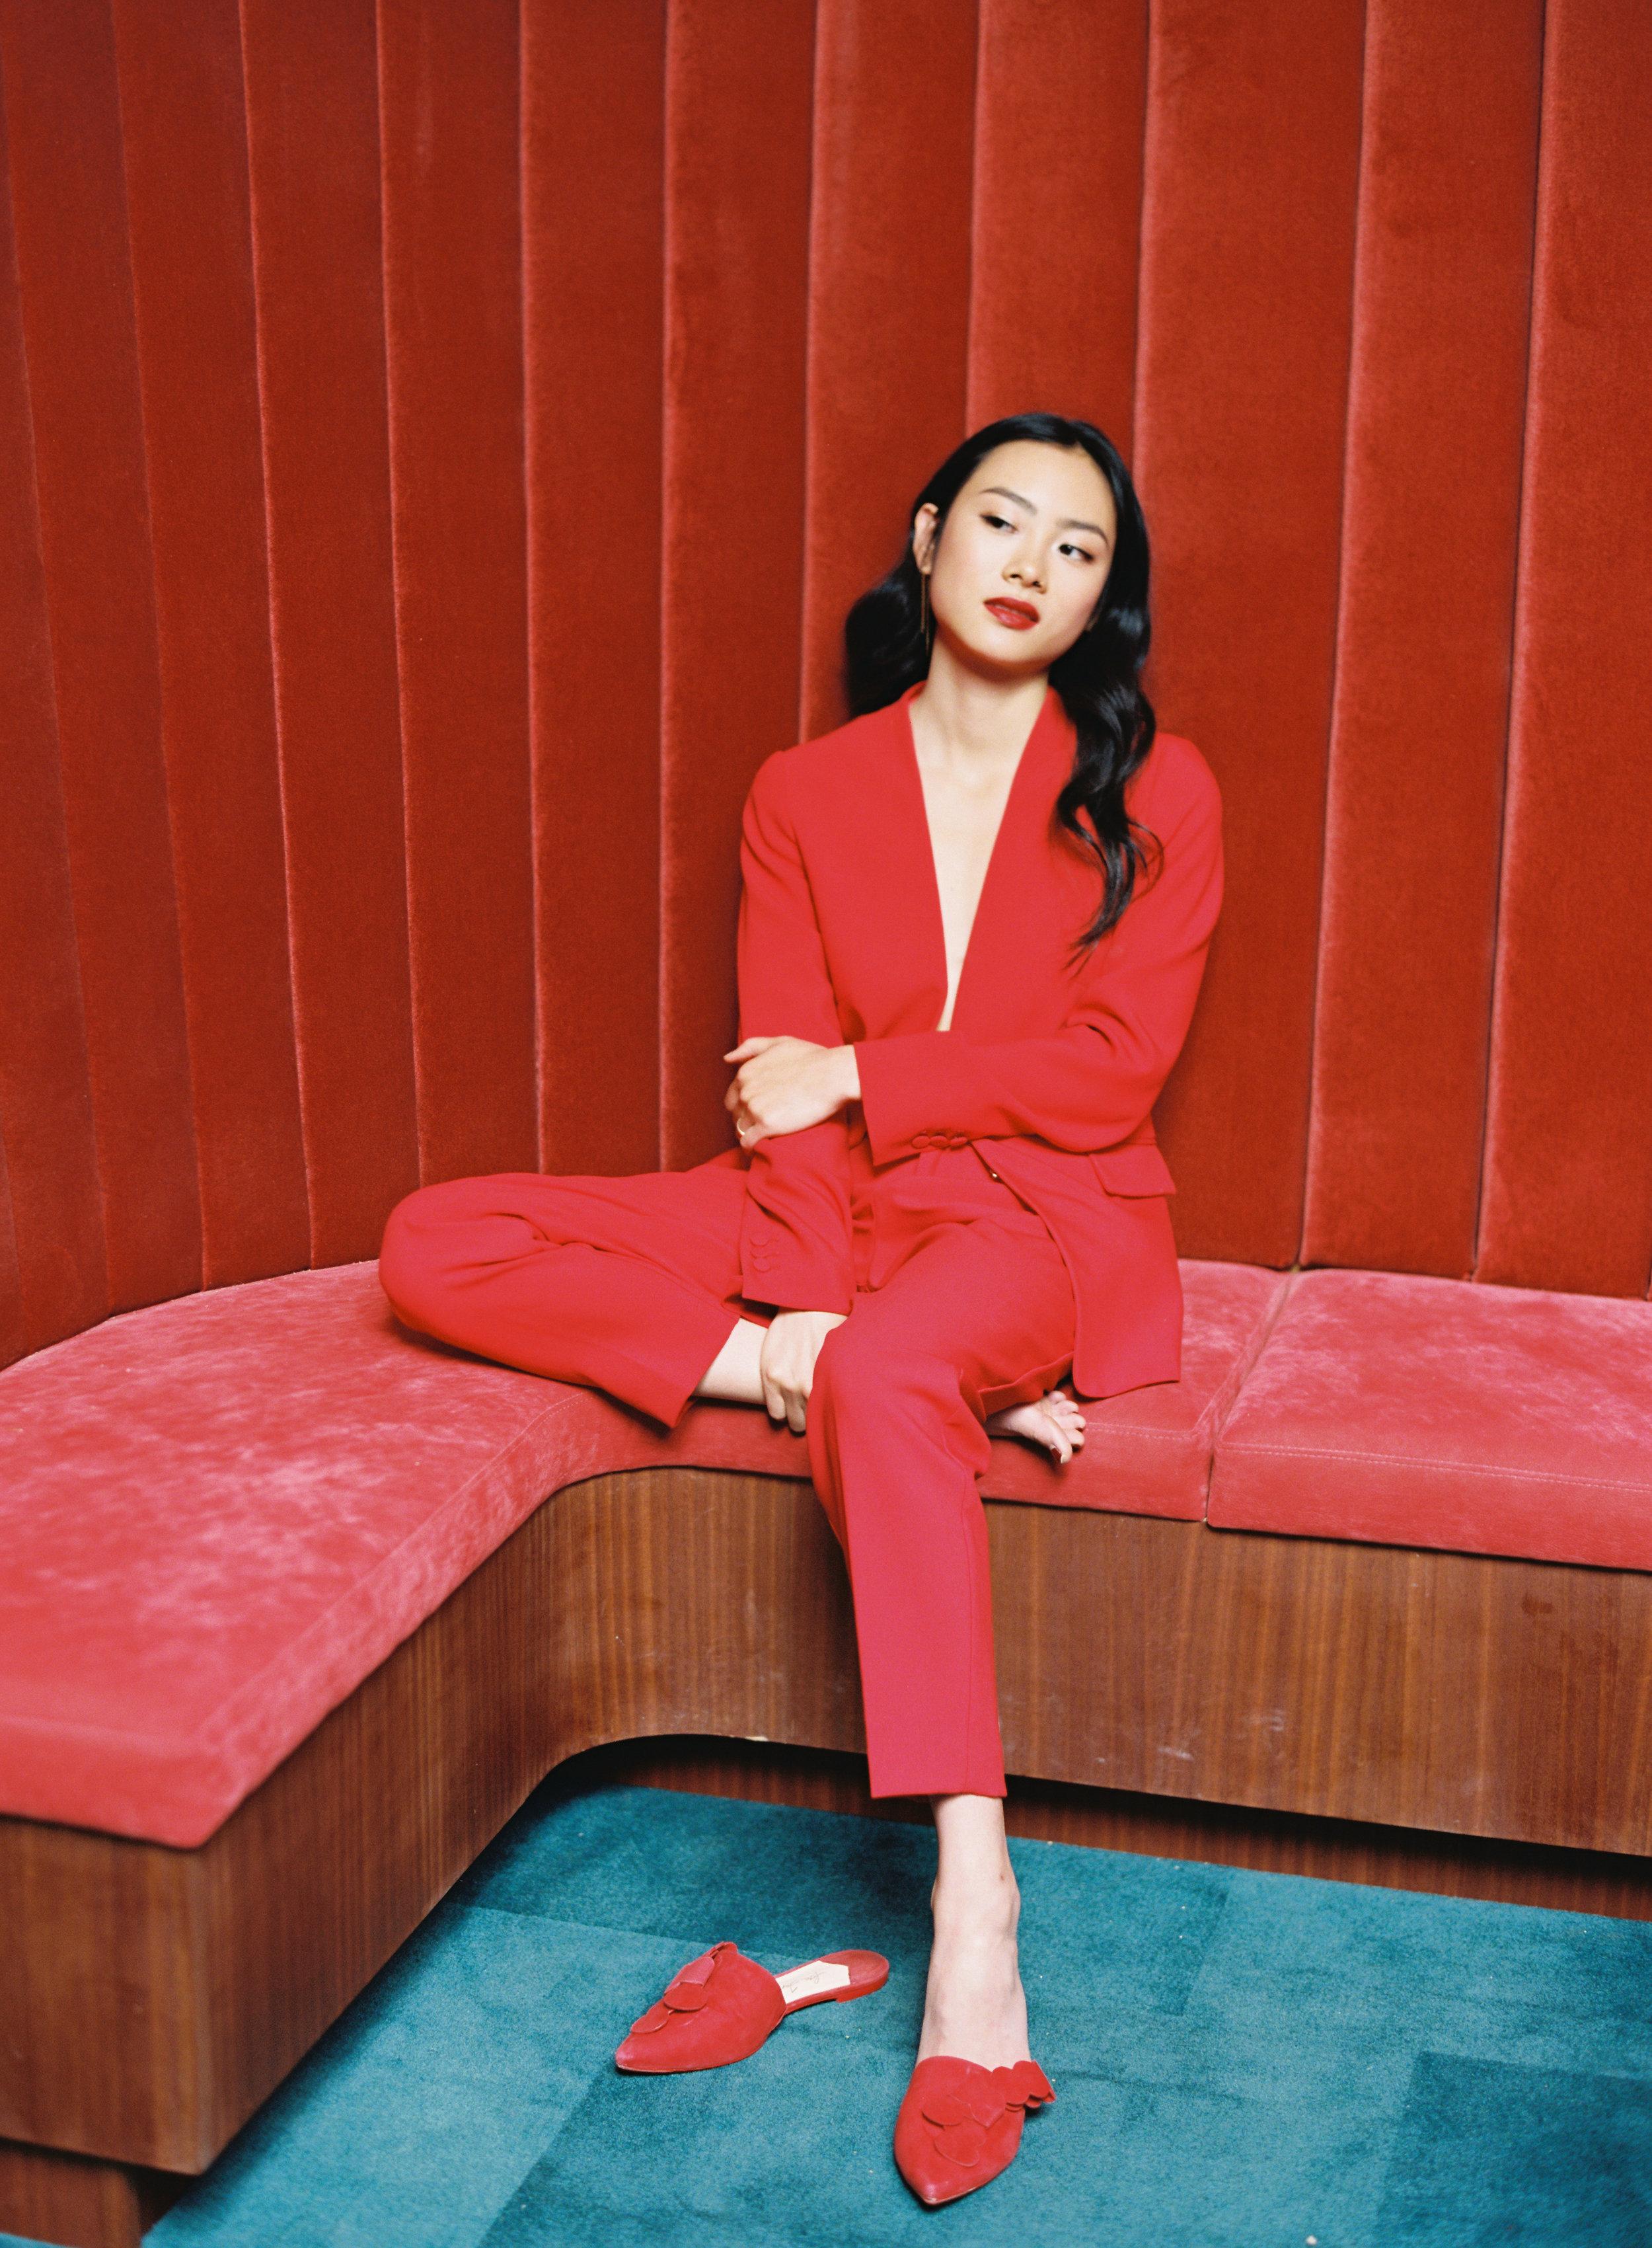 Lambert-Jiu-161-Jen_Huang-009315-R1-006.jpg